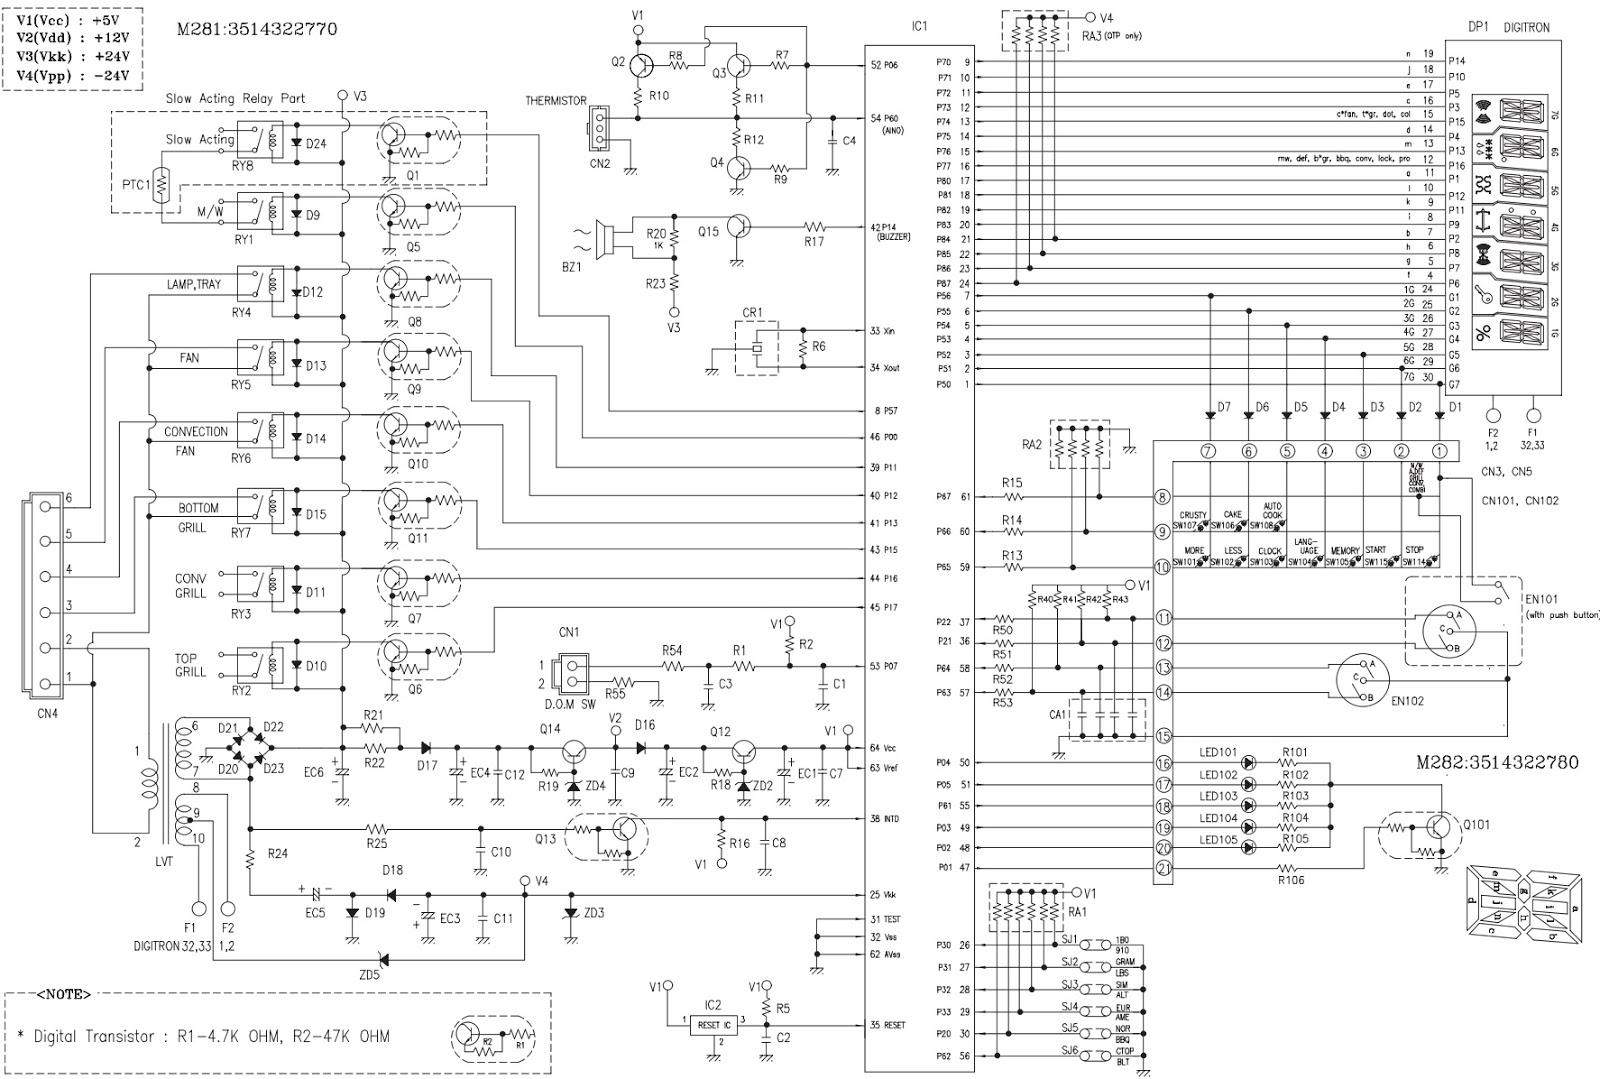 hight resolution of 2000 daewoo lanos stereo wiring diagram scion xa diagram white 2000 daewoo lanos 2001 daewoo lanos